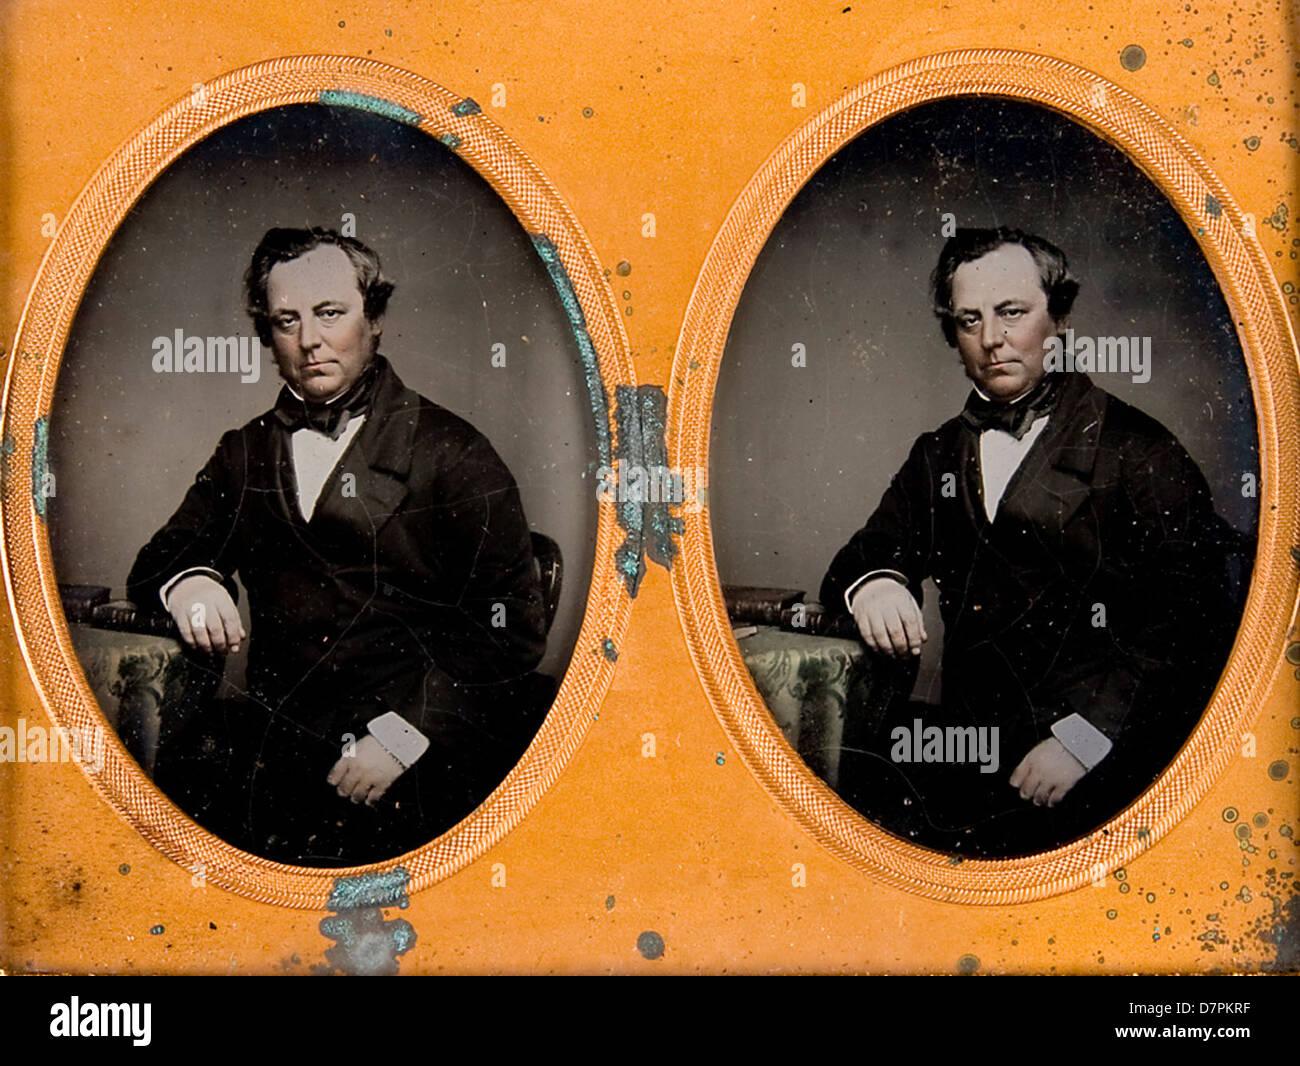 Dr Charles Nathan, surgeon - Stock Image